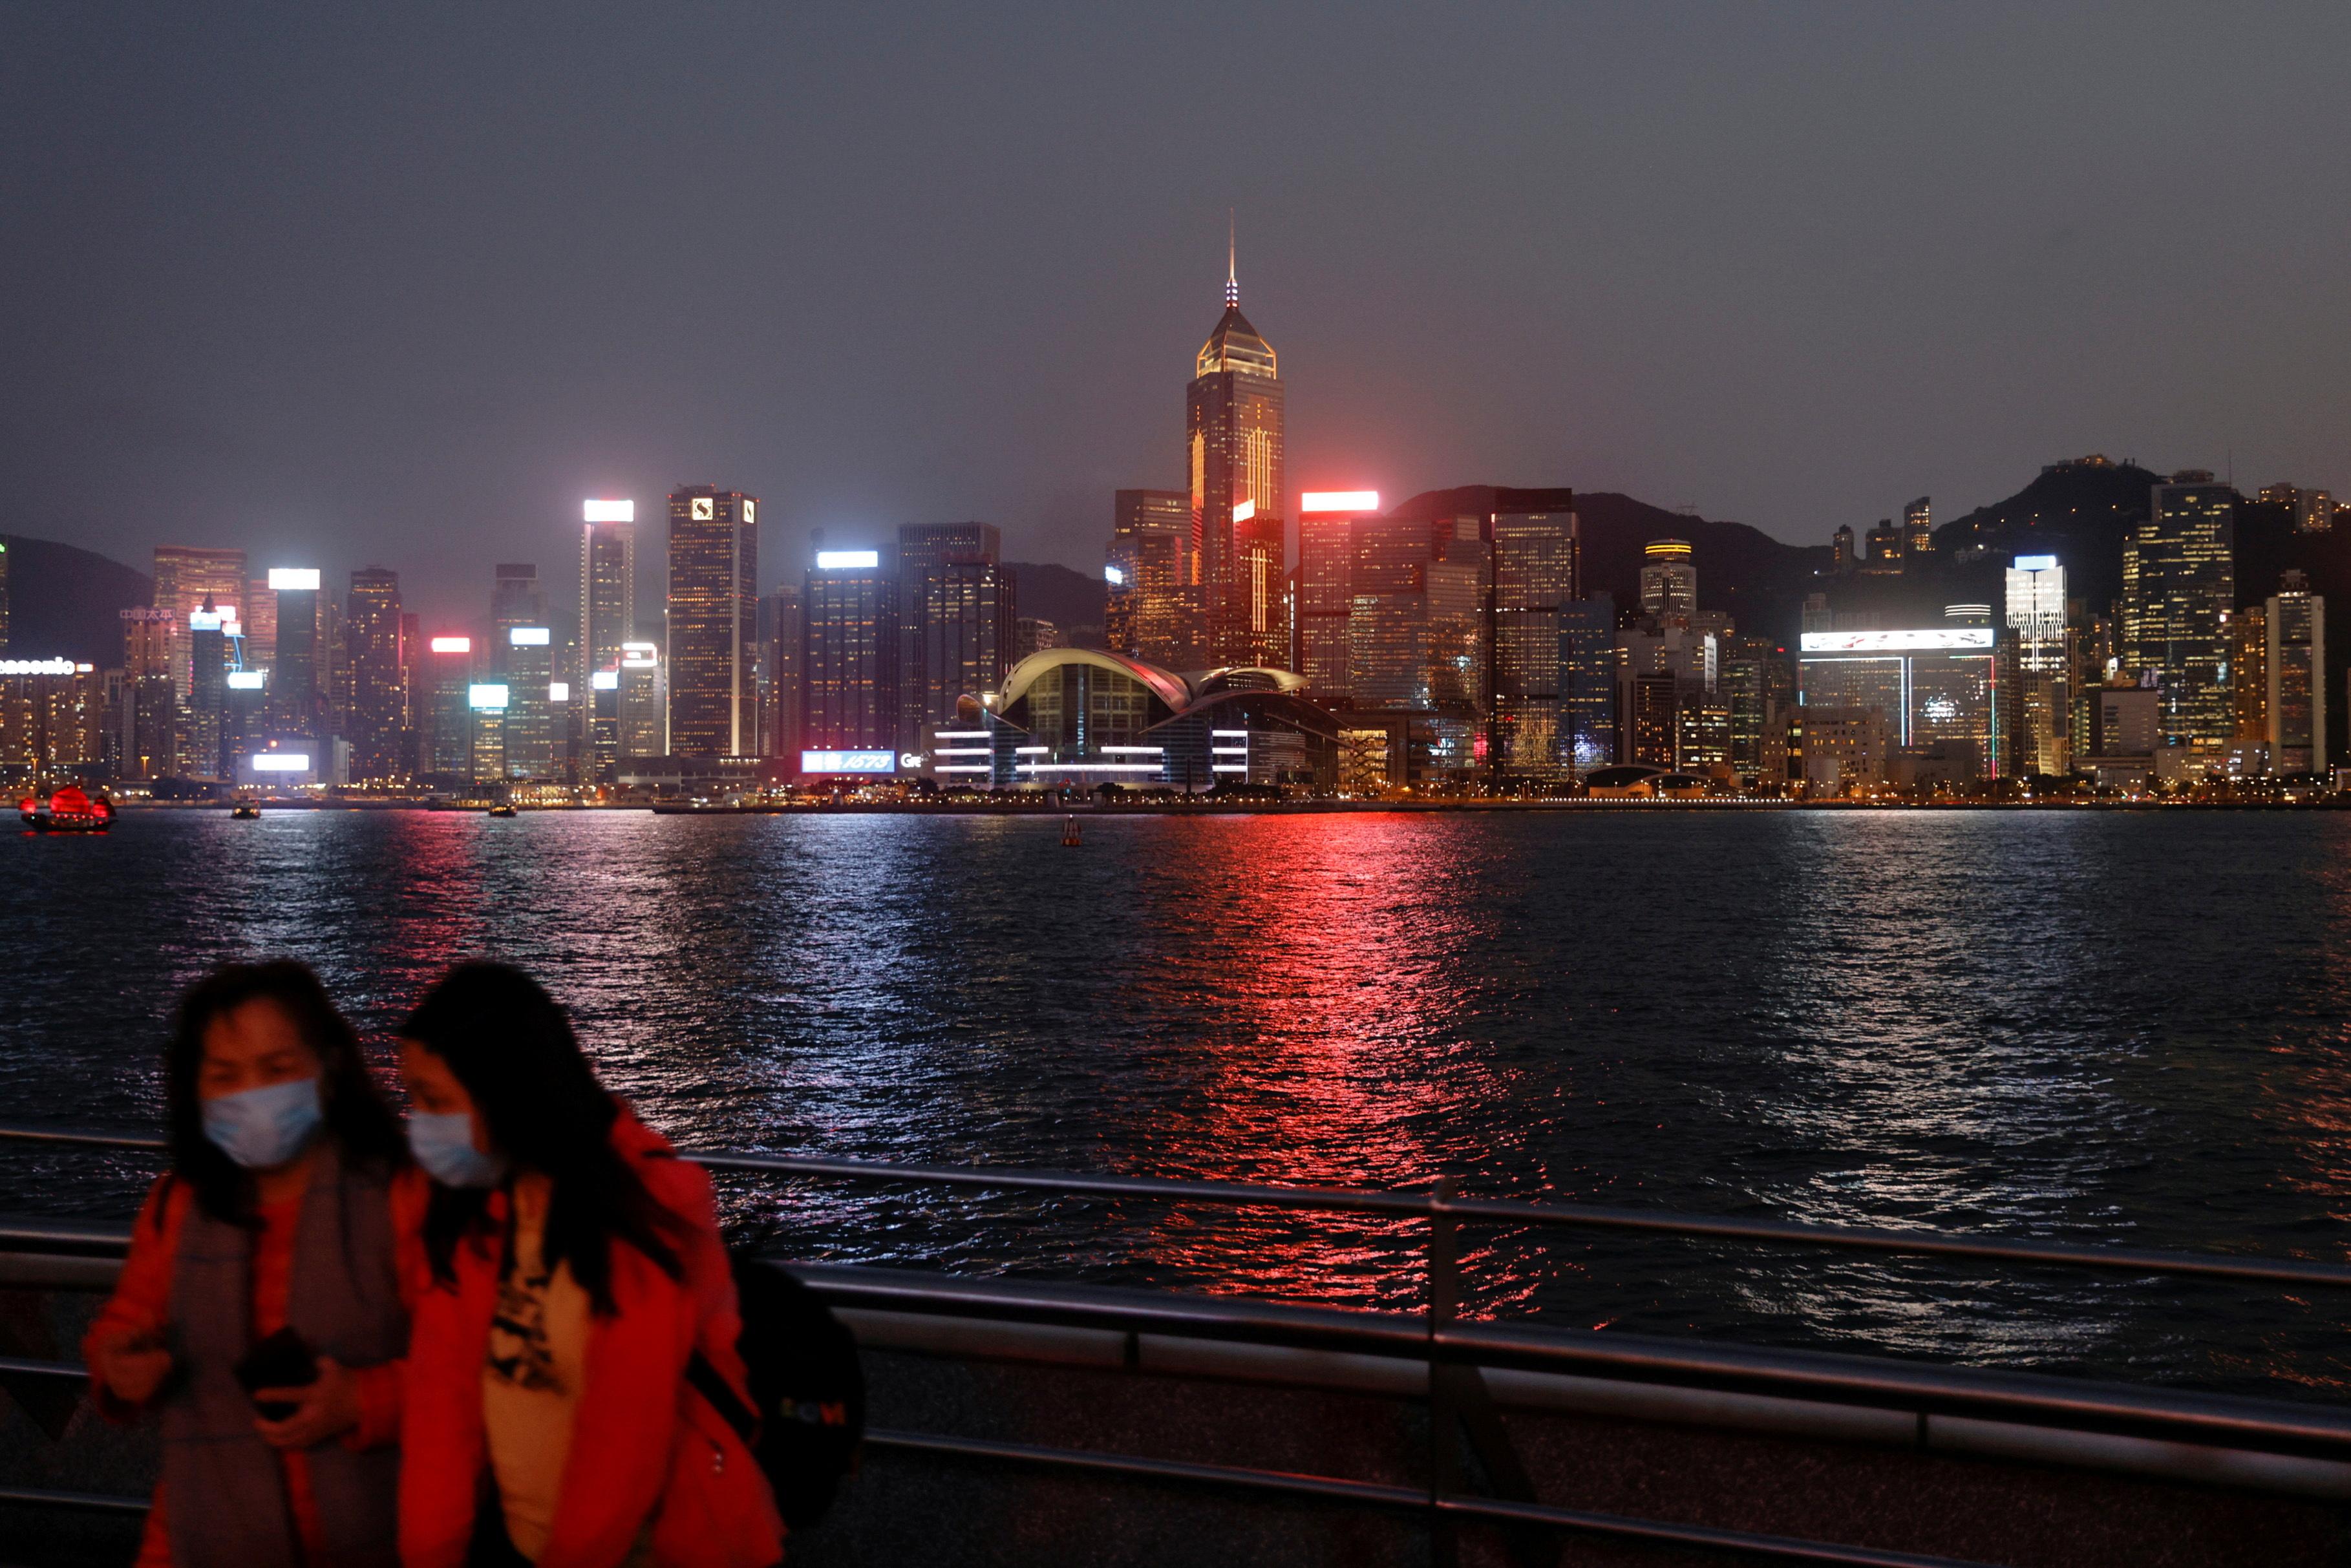 虽然台商的情况仍有待进一步观察,近日外资撤离的风声在香港引来关注。(路透社资料图片)